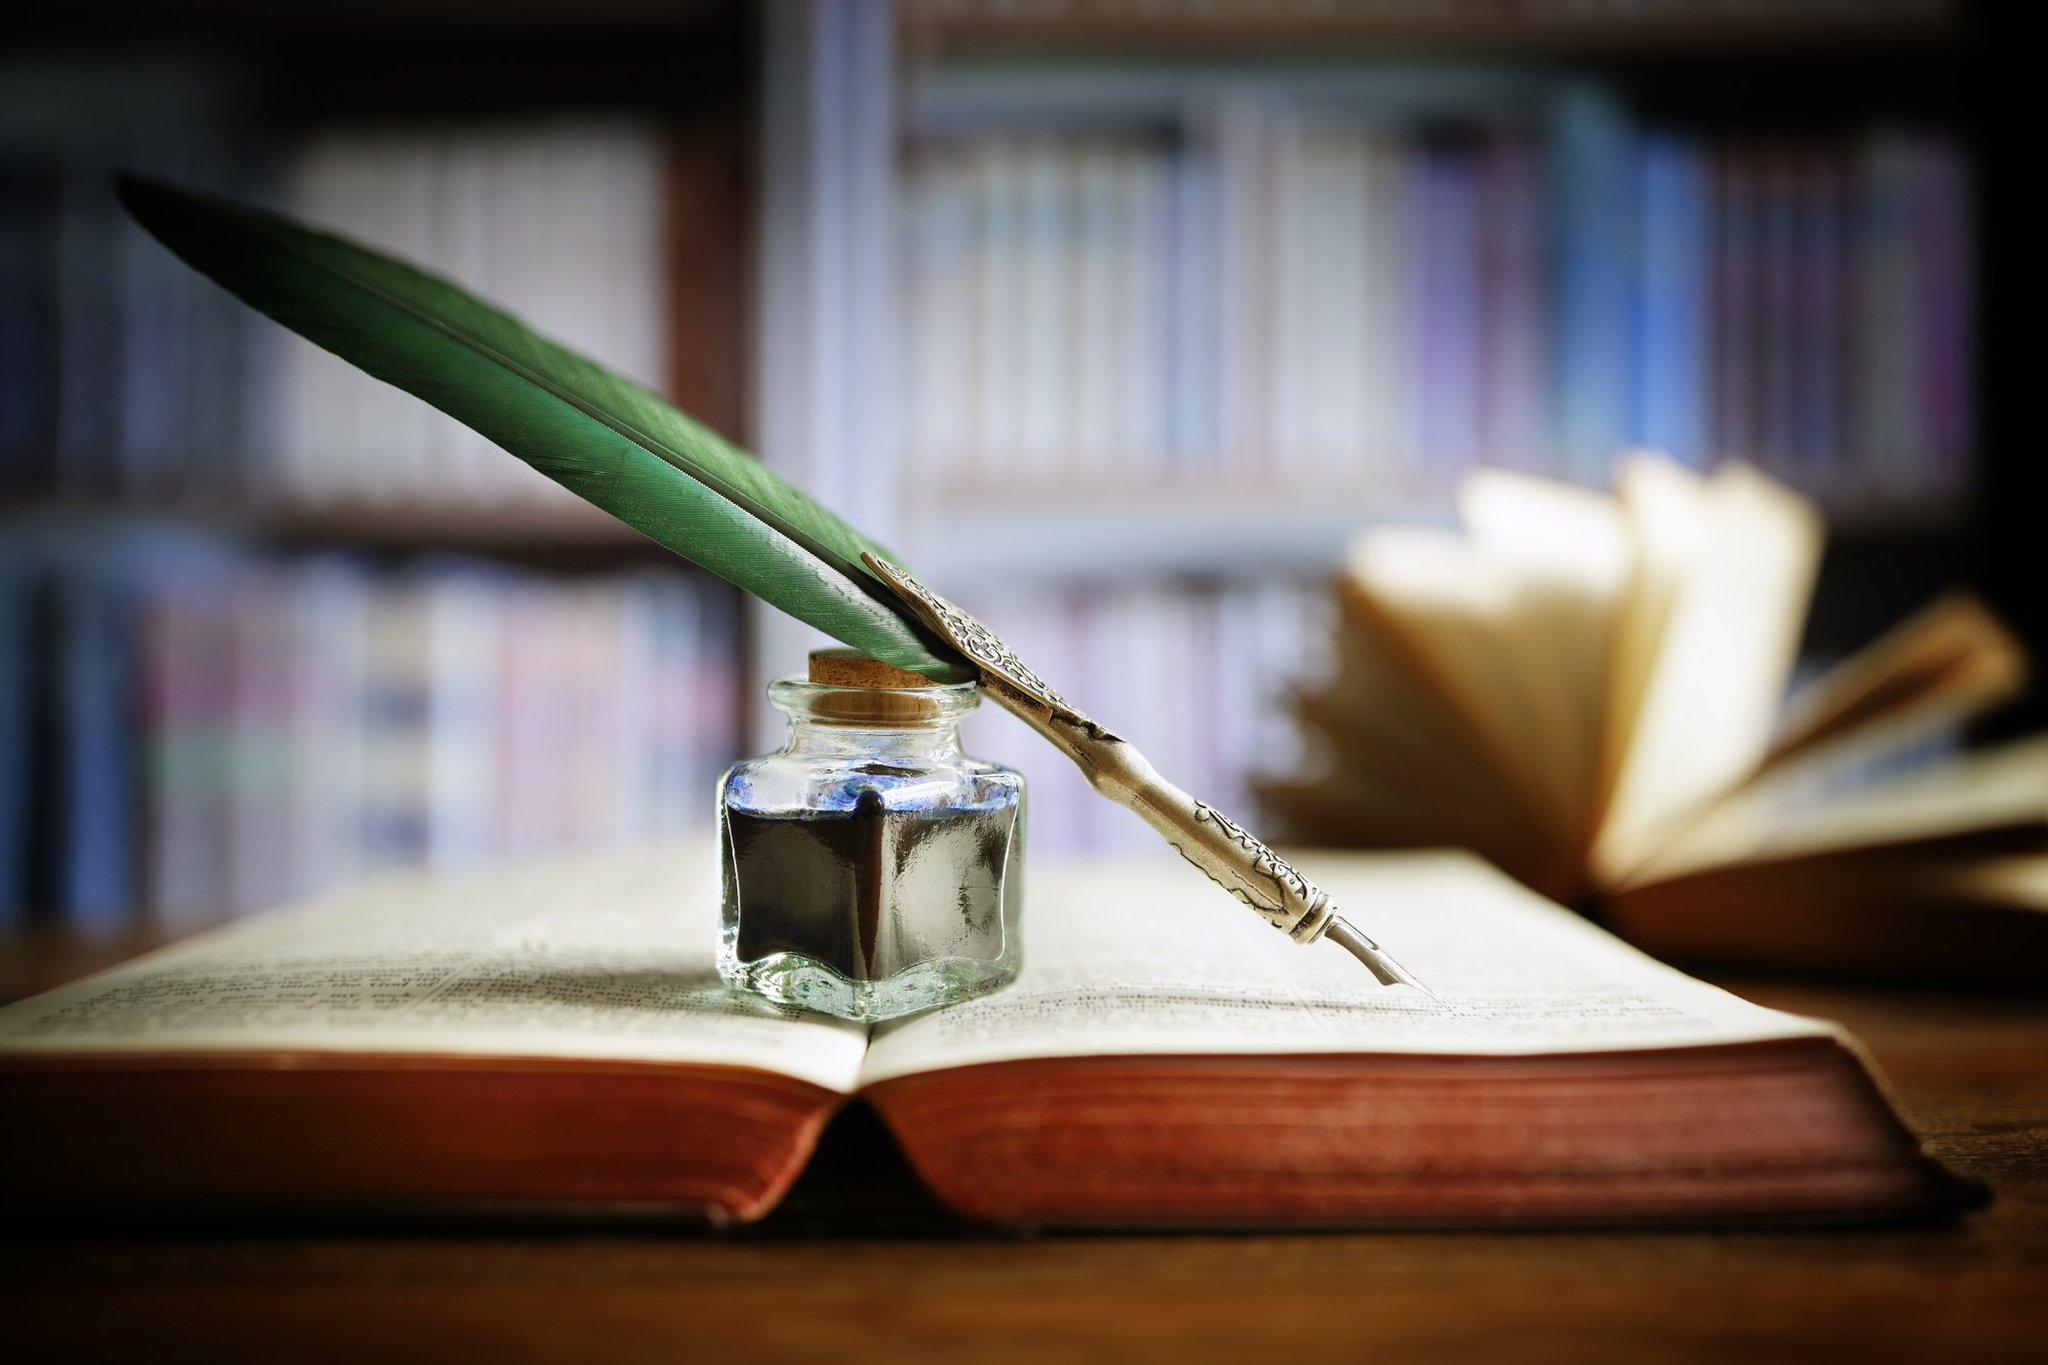 картинки перо ручка бумага для писателя здесь все